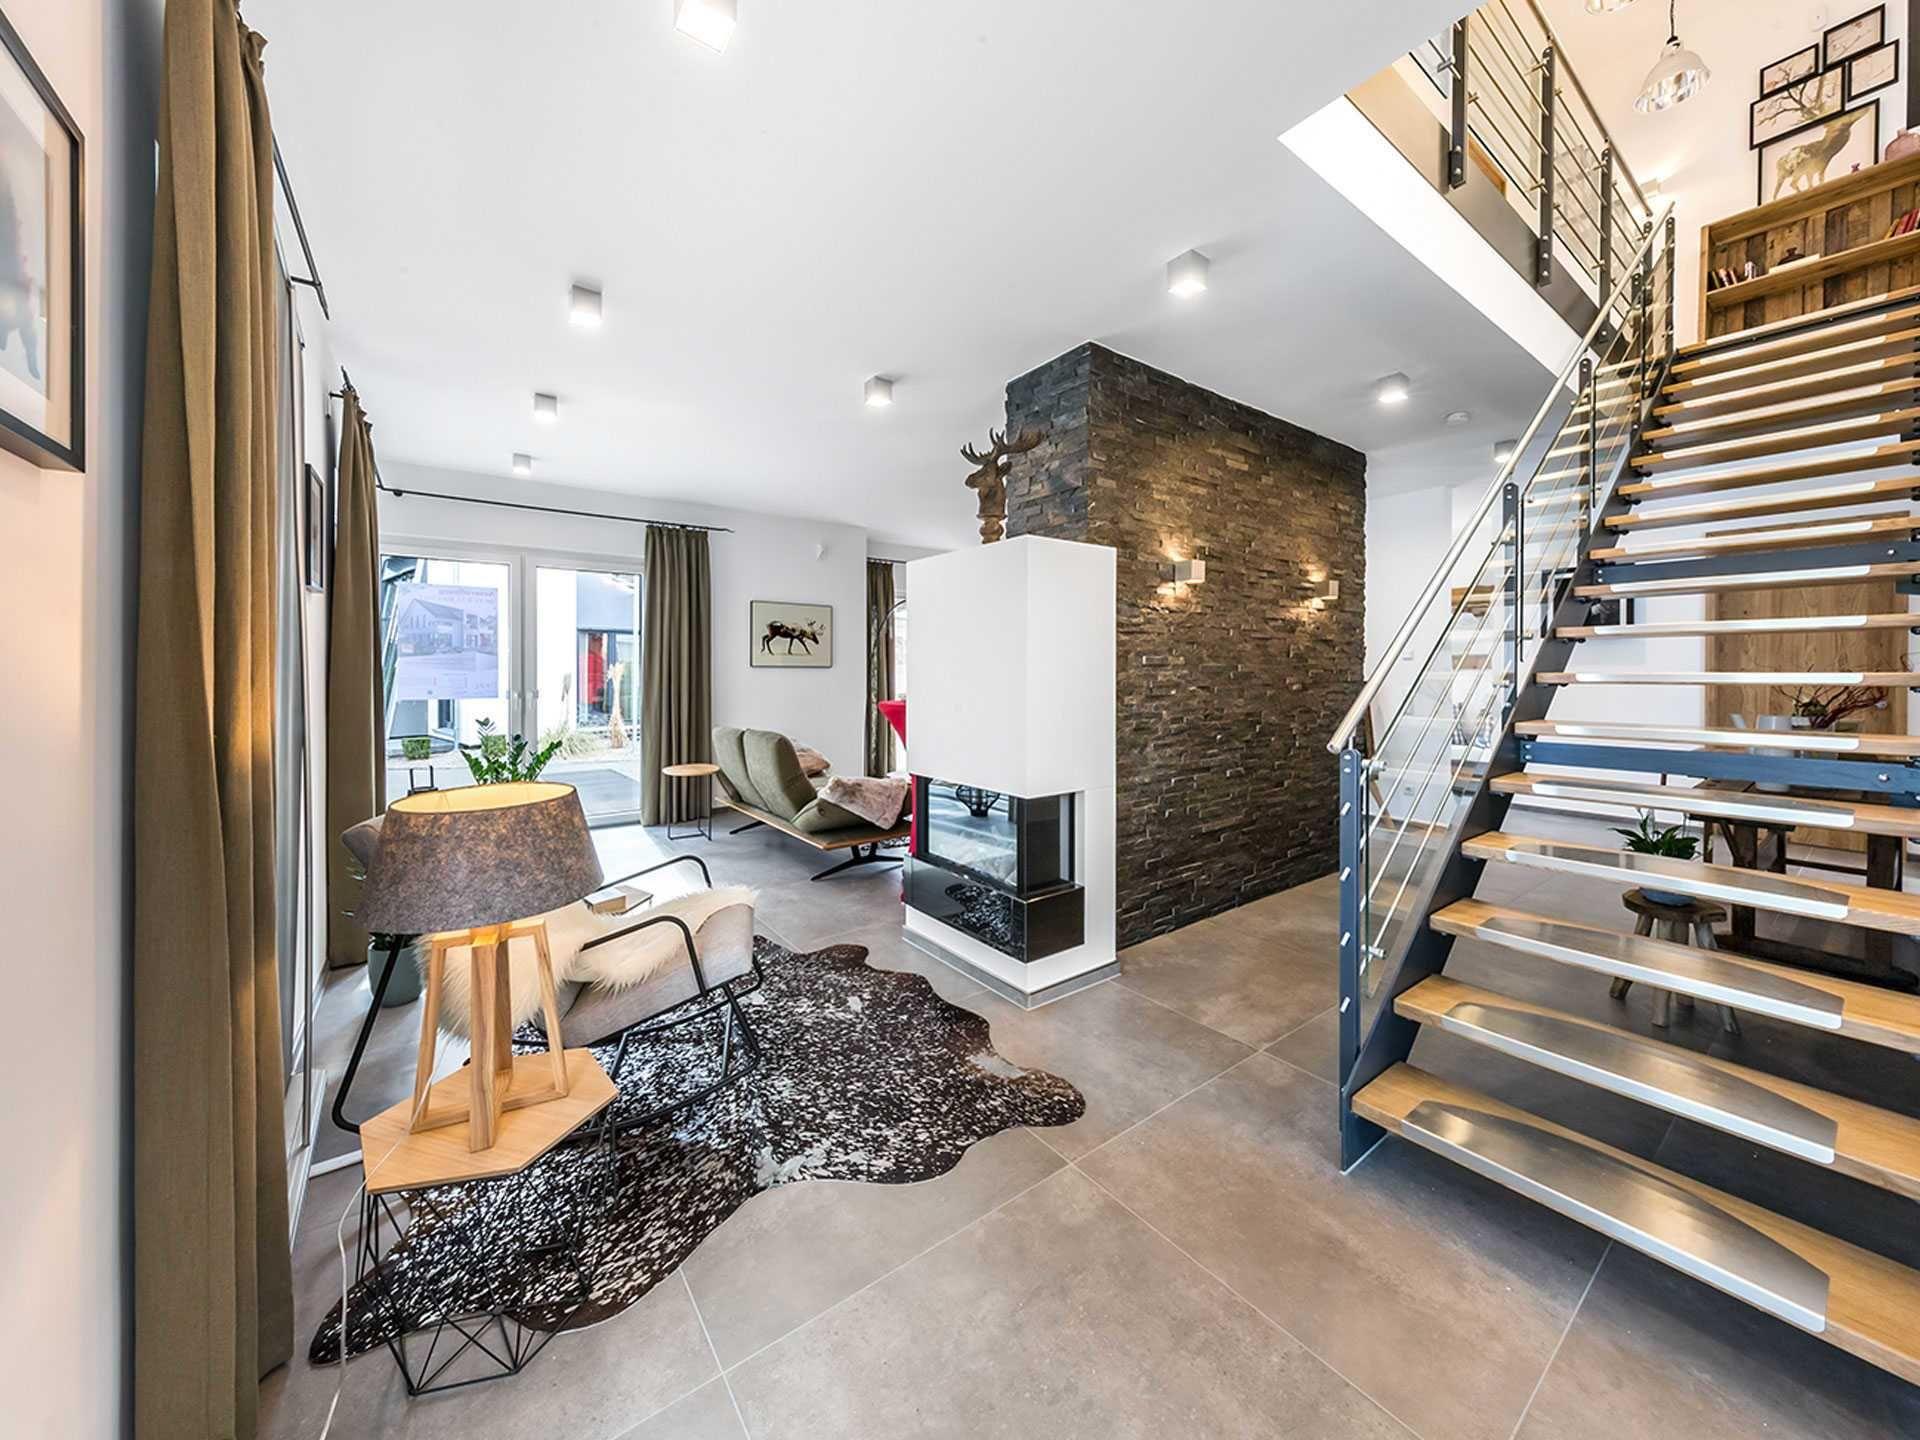 Musterhaus Fellbach OKAL Haus in 2019 Okal haus, Haus